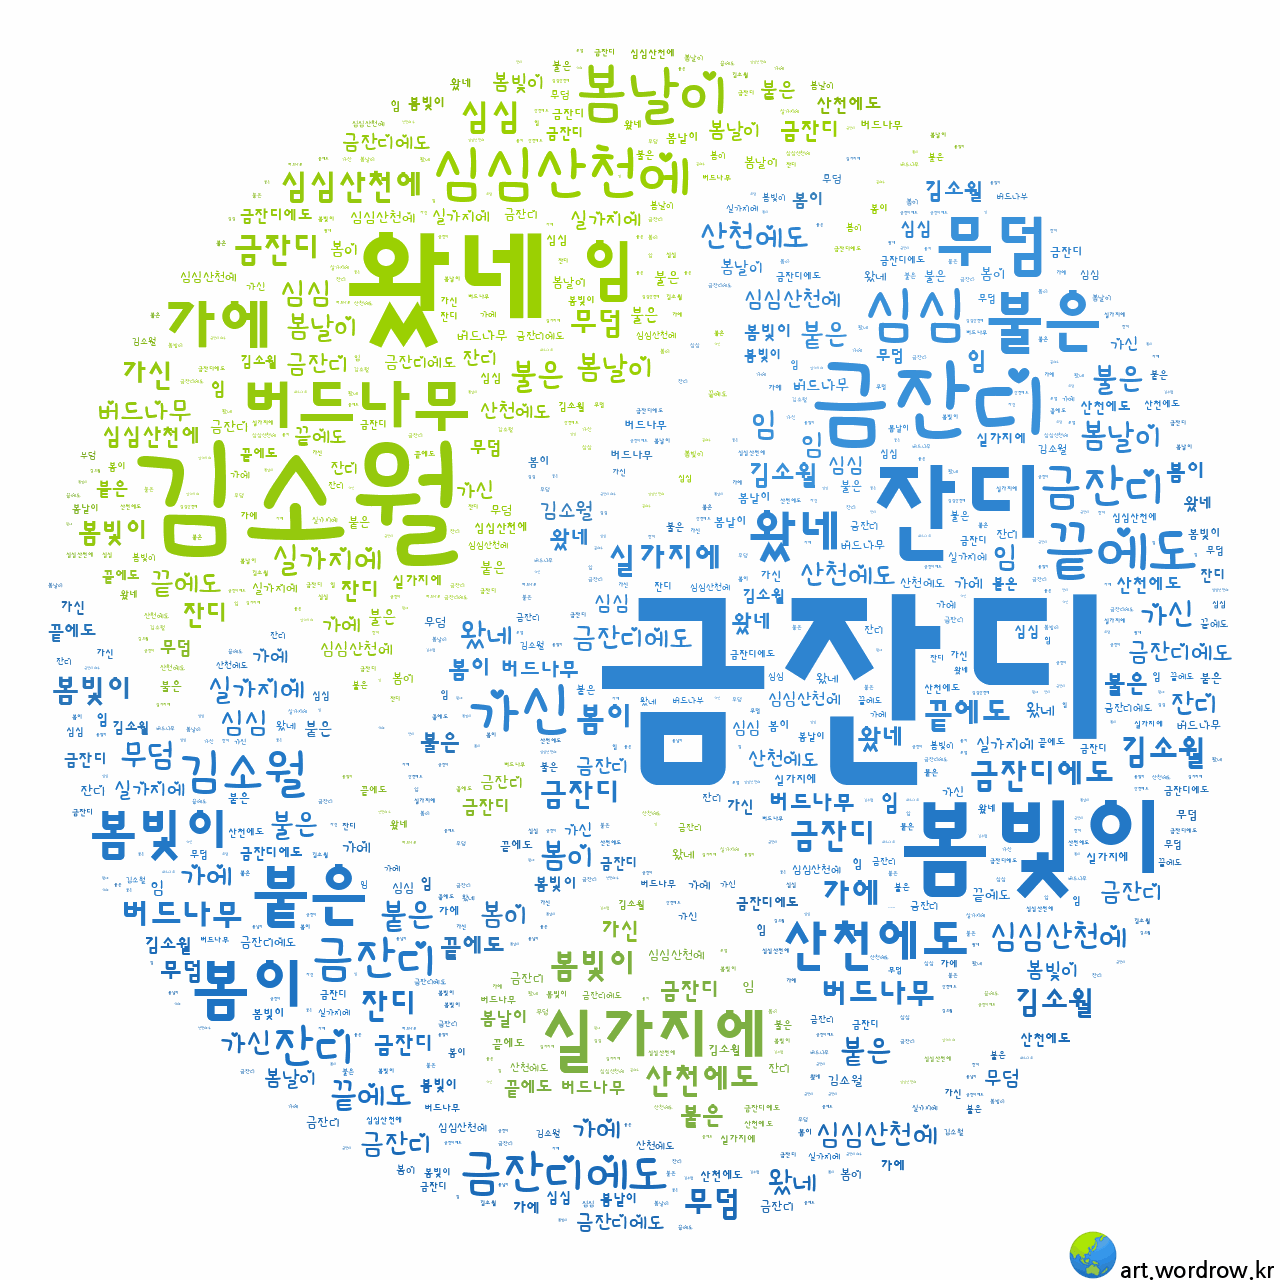 워드 클라우드: 금잔디 [김소월]-10